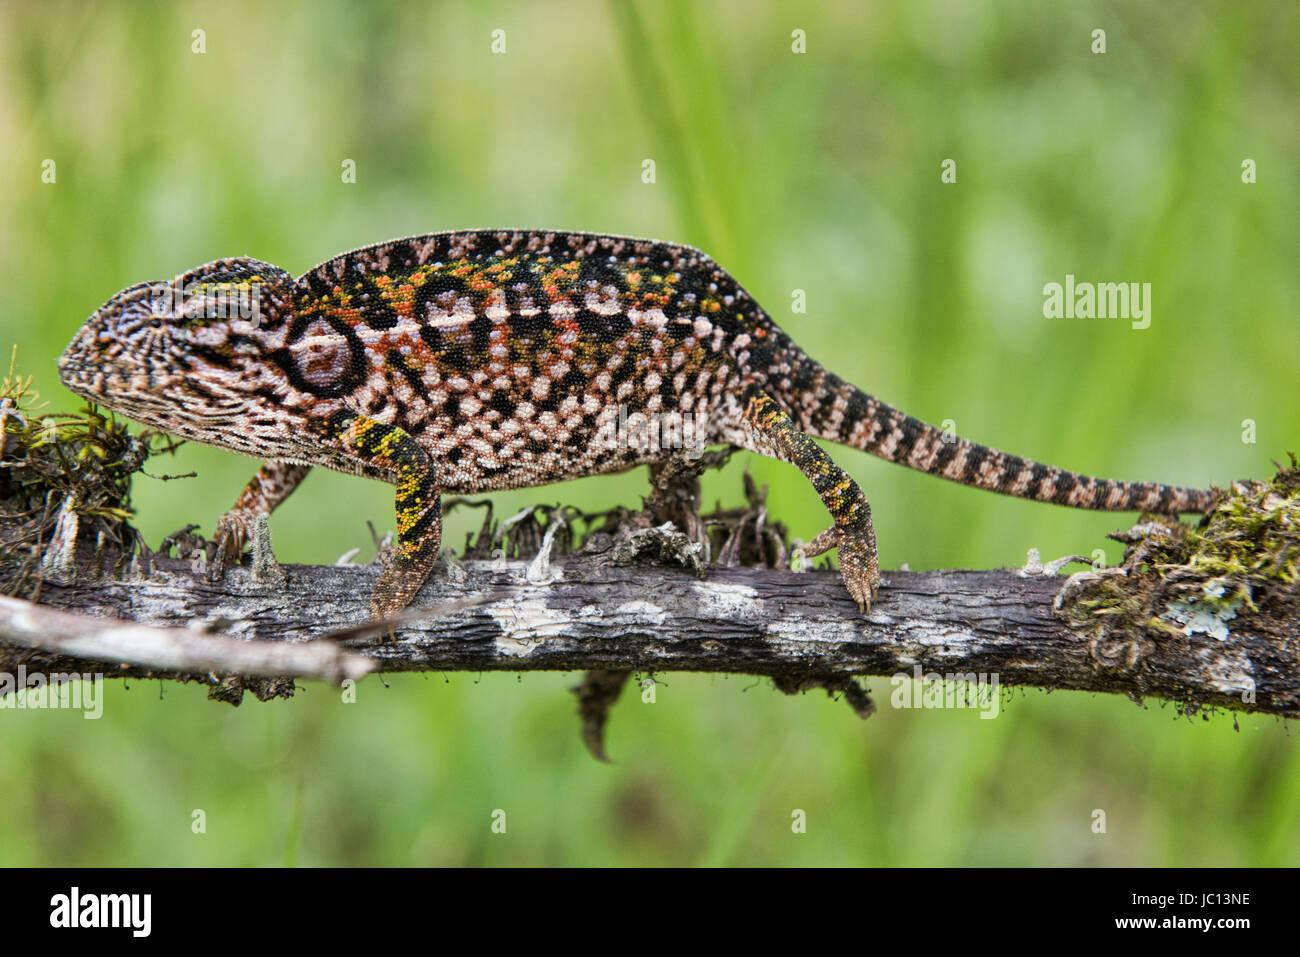 White-lined or carpet chameleon (Furcifer lateralis), Andasibe-Mantadia National Park, Madagascar - Stock Image